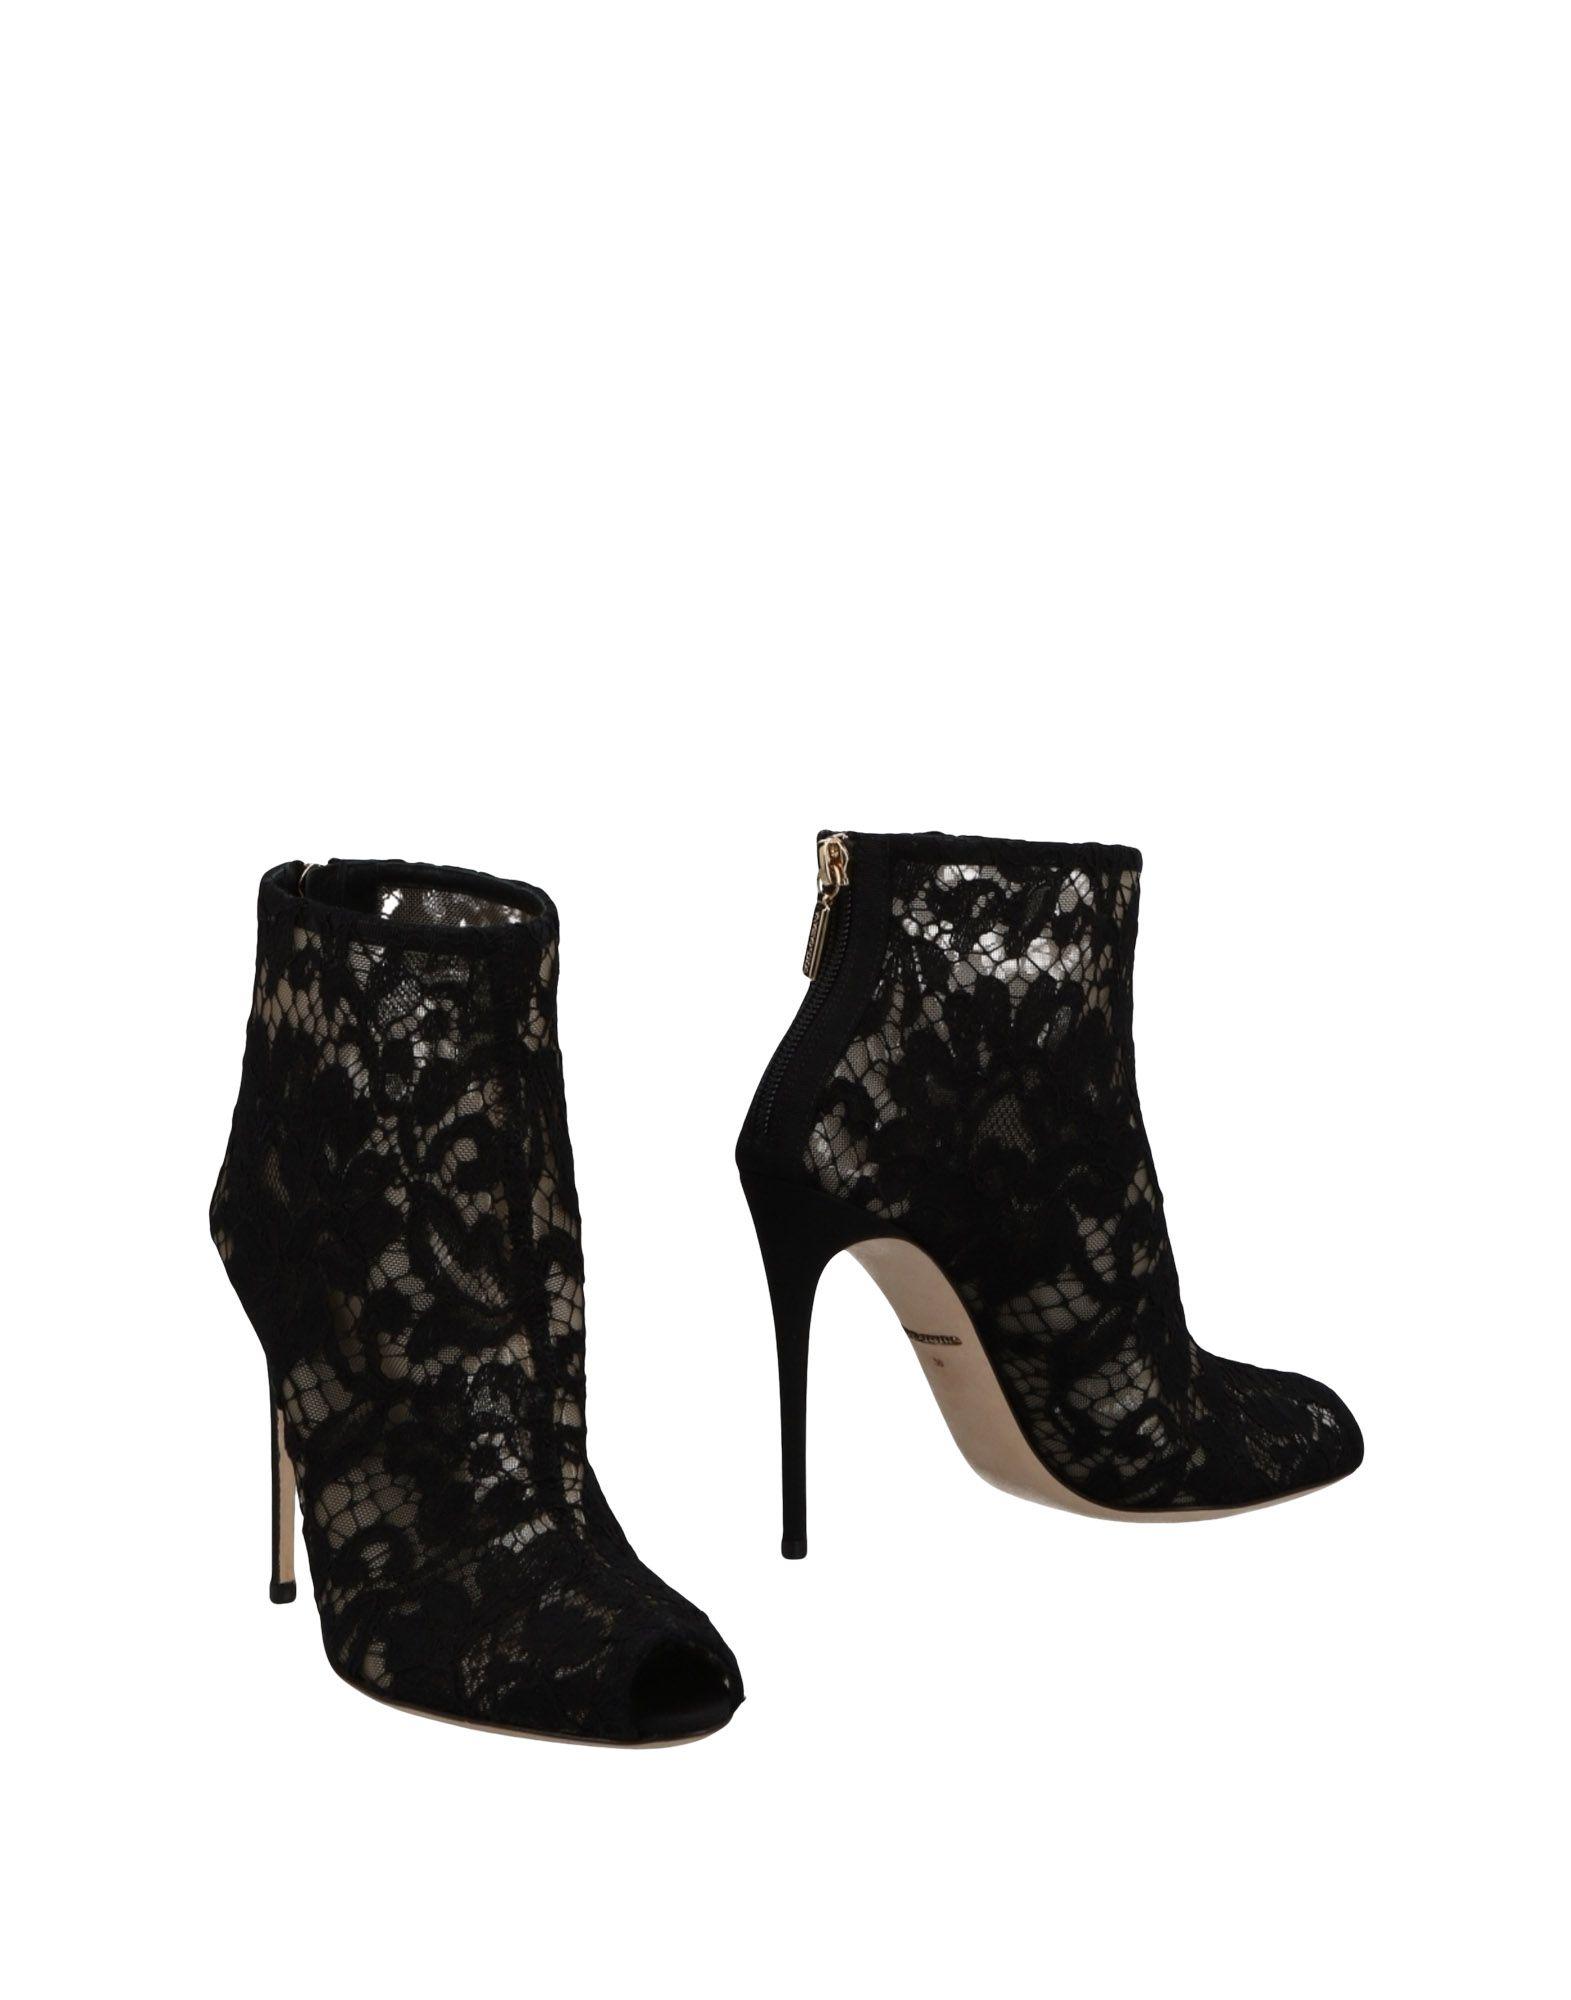 Dolce & Gabbana Stiefelette Damen Schuhe  11488515ASGünstige gut aussehende Schuhe Damen 6269f9